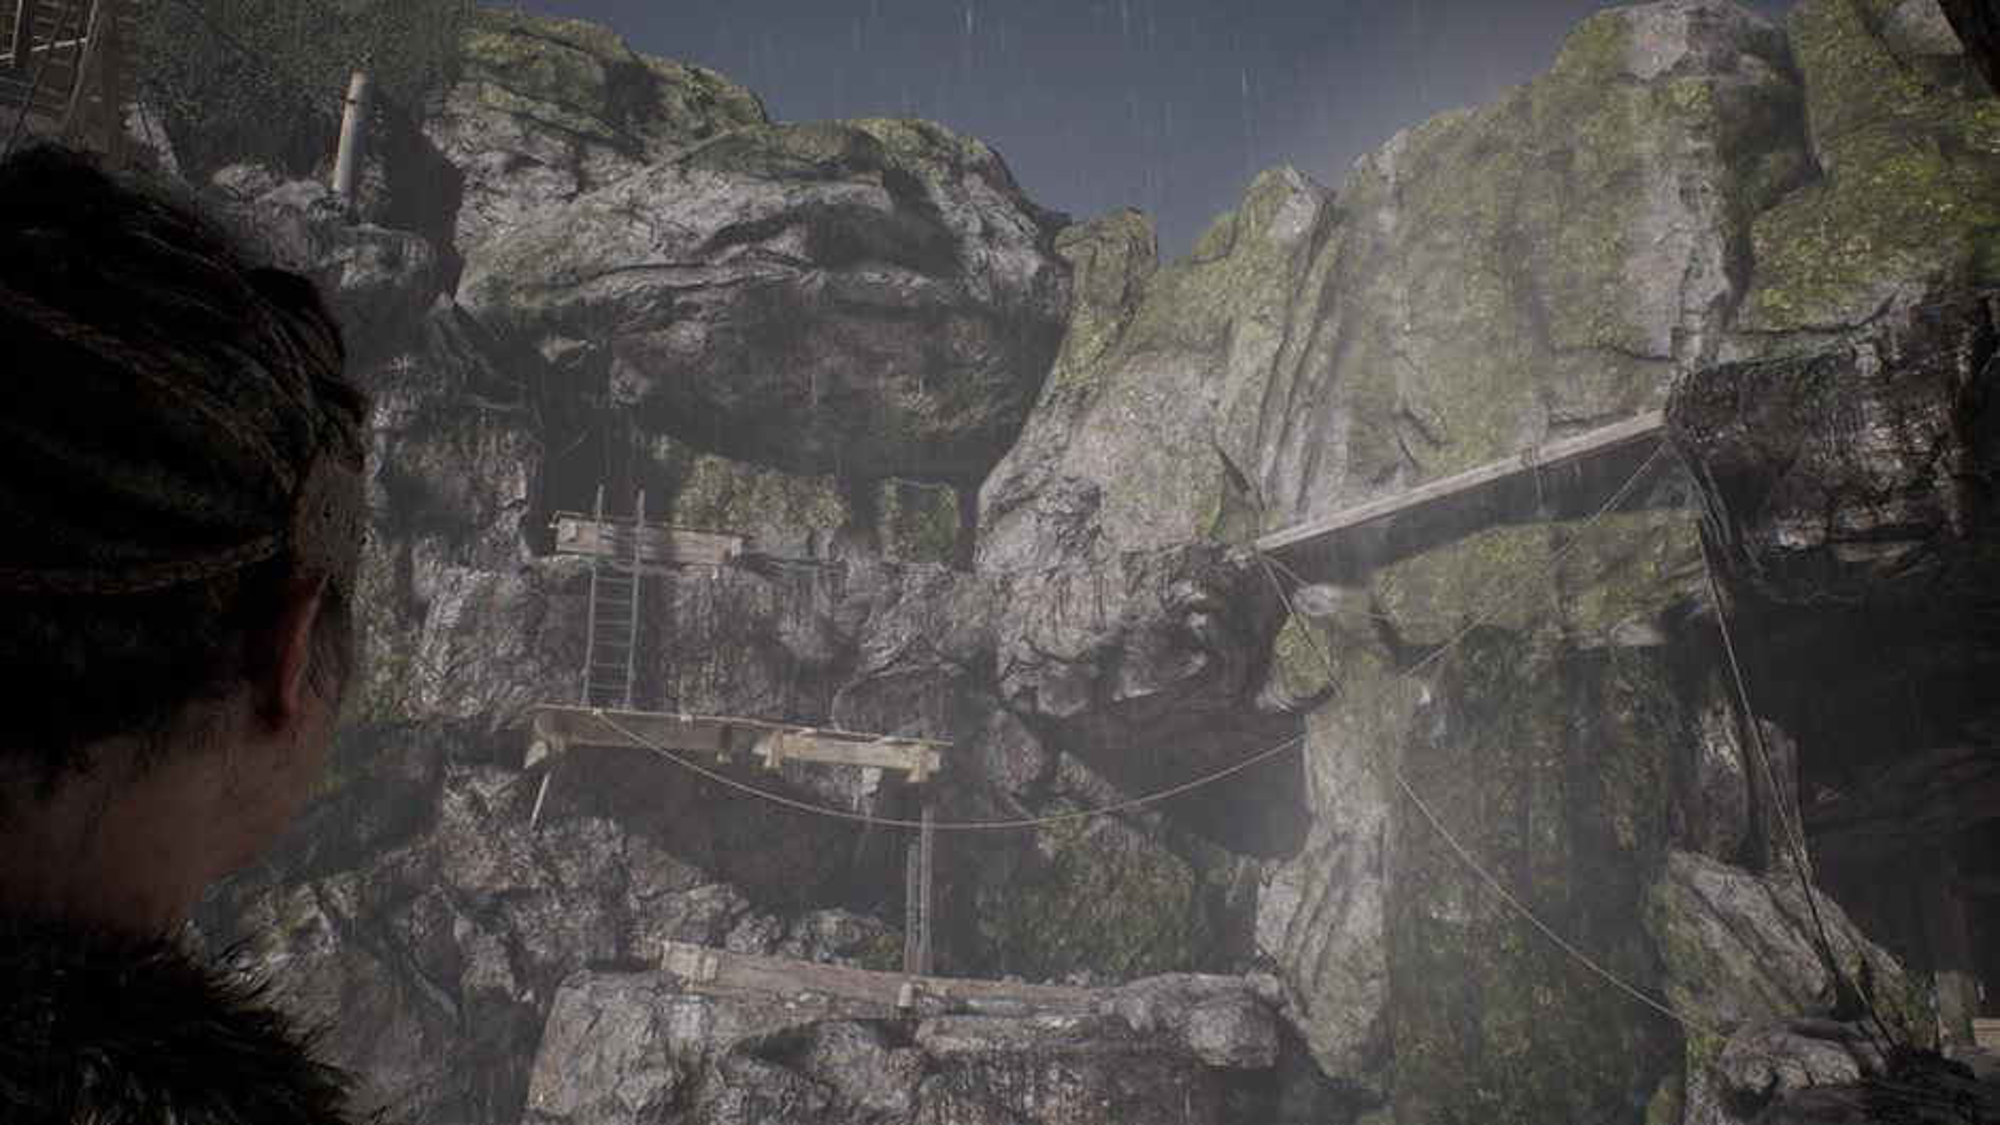 Uma experiência avassaladora que aponta para a luz no fim do túnel